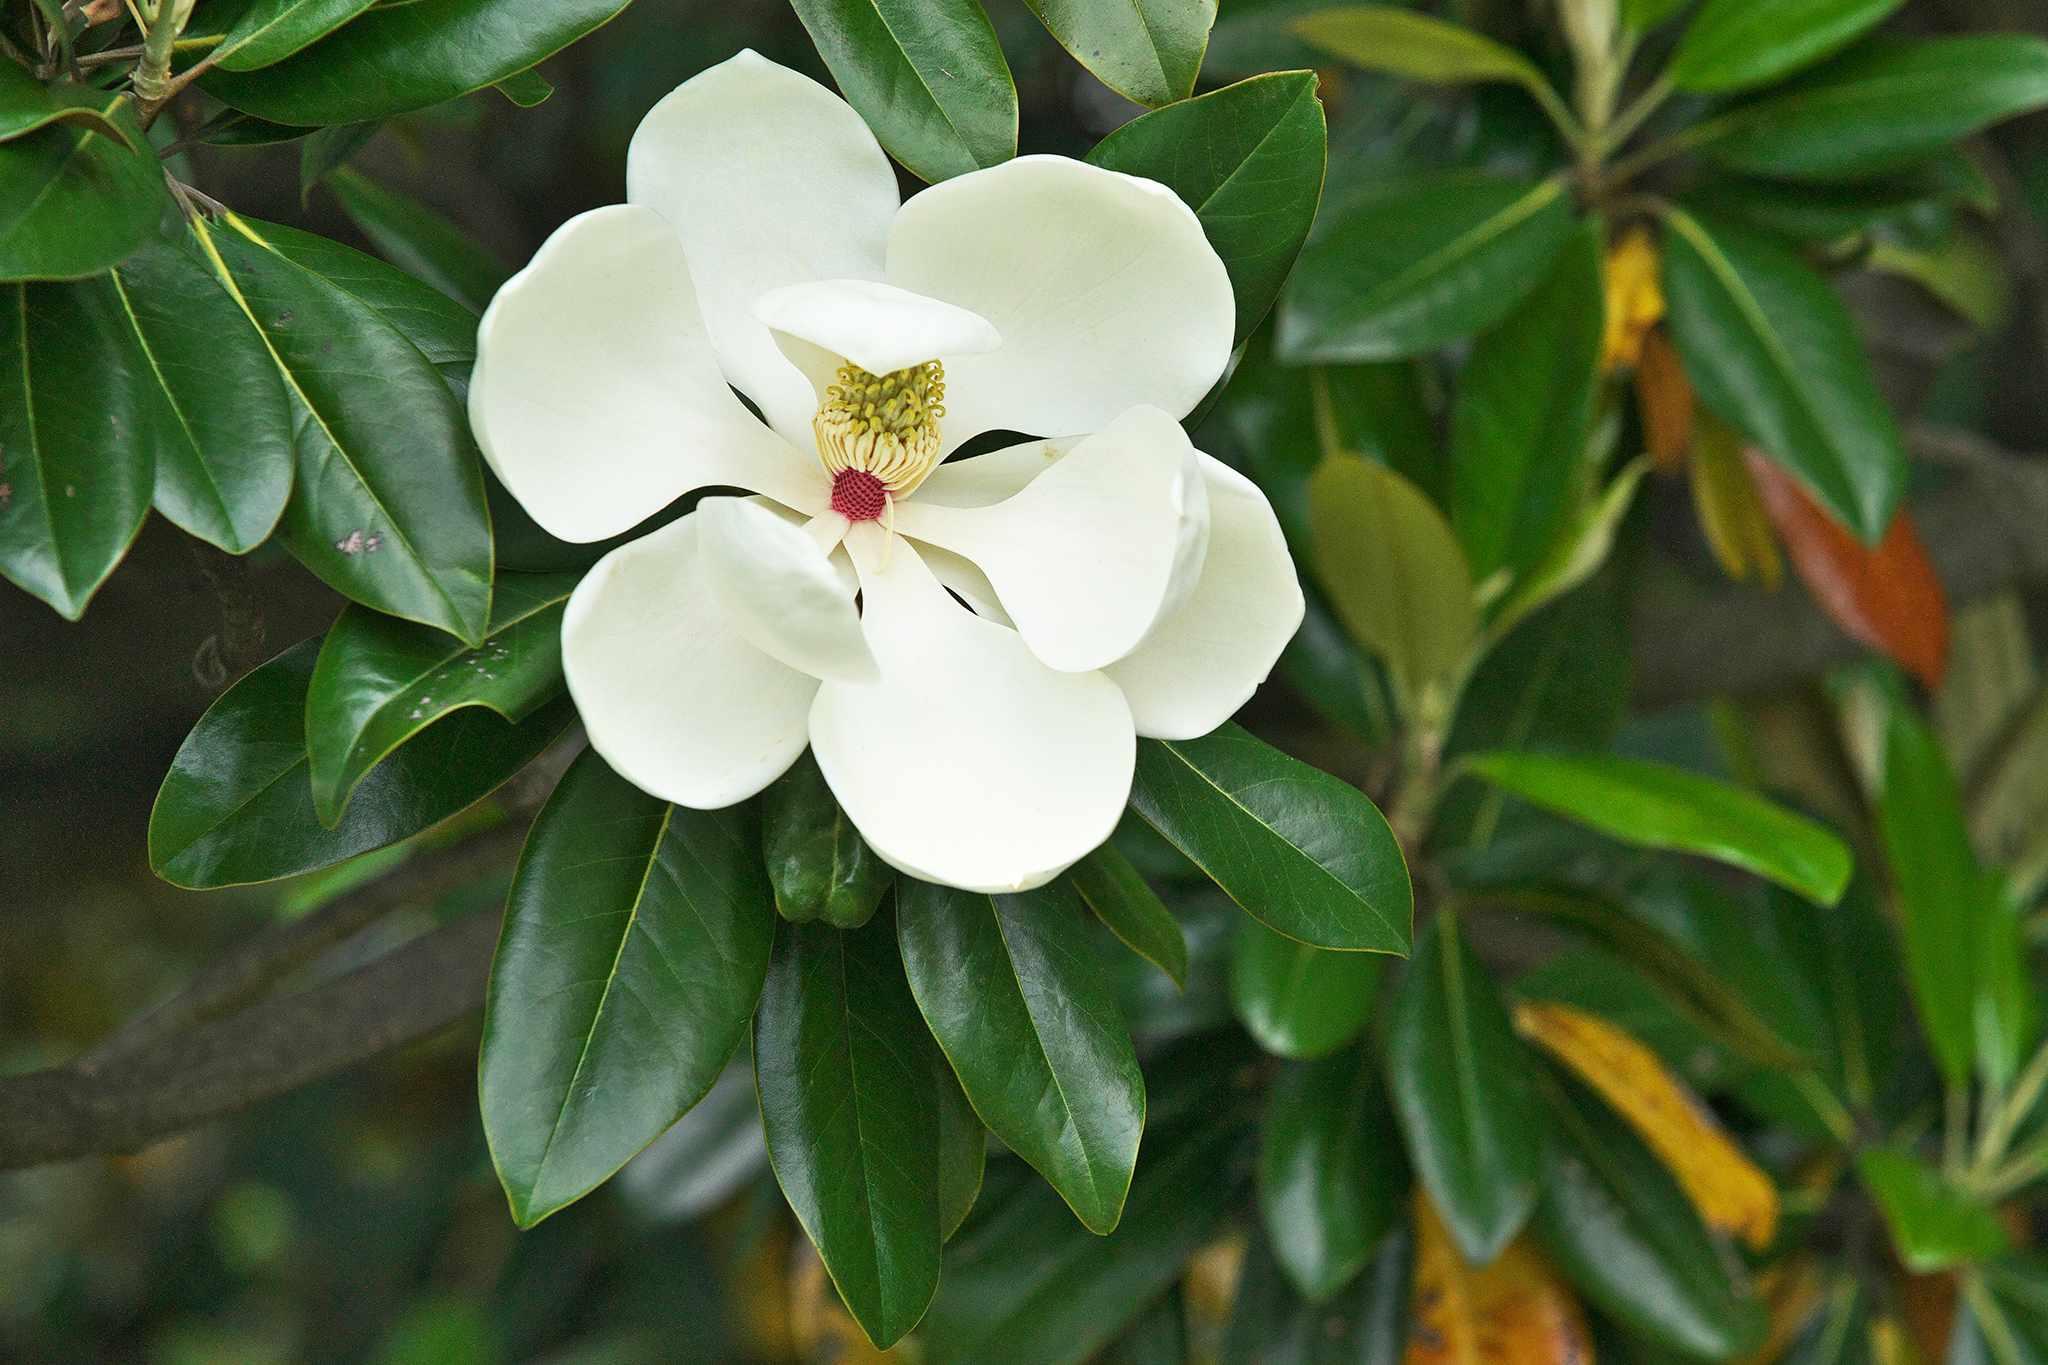 Magnolia grandiflora. Photo: Getty Images.